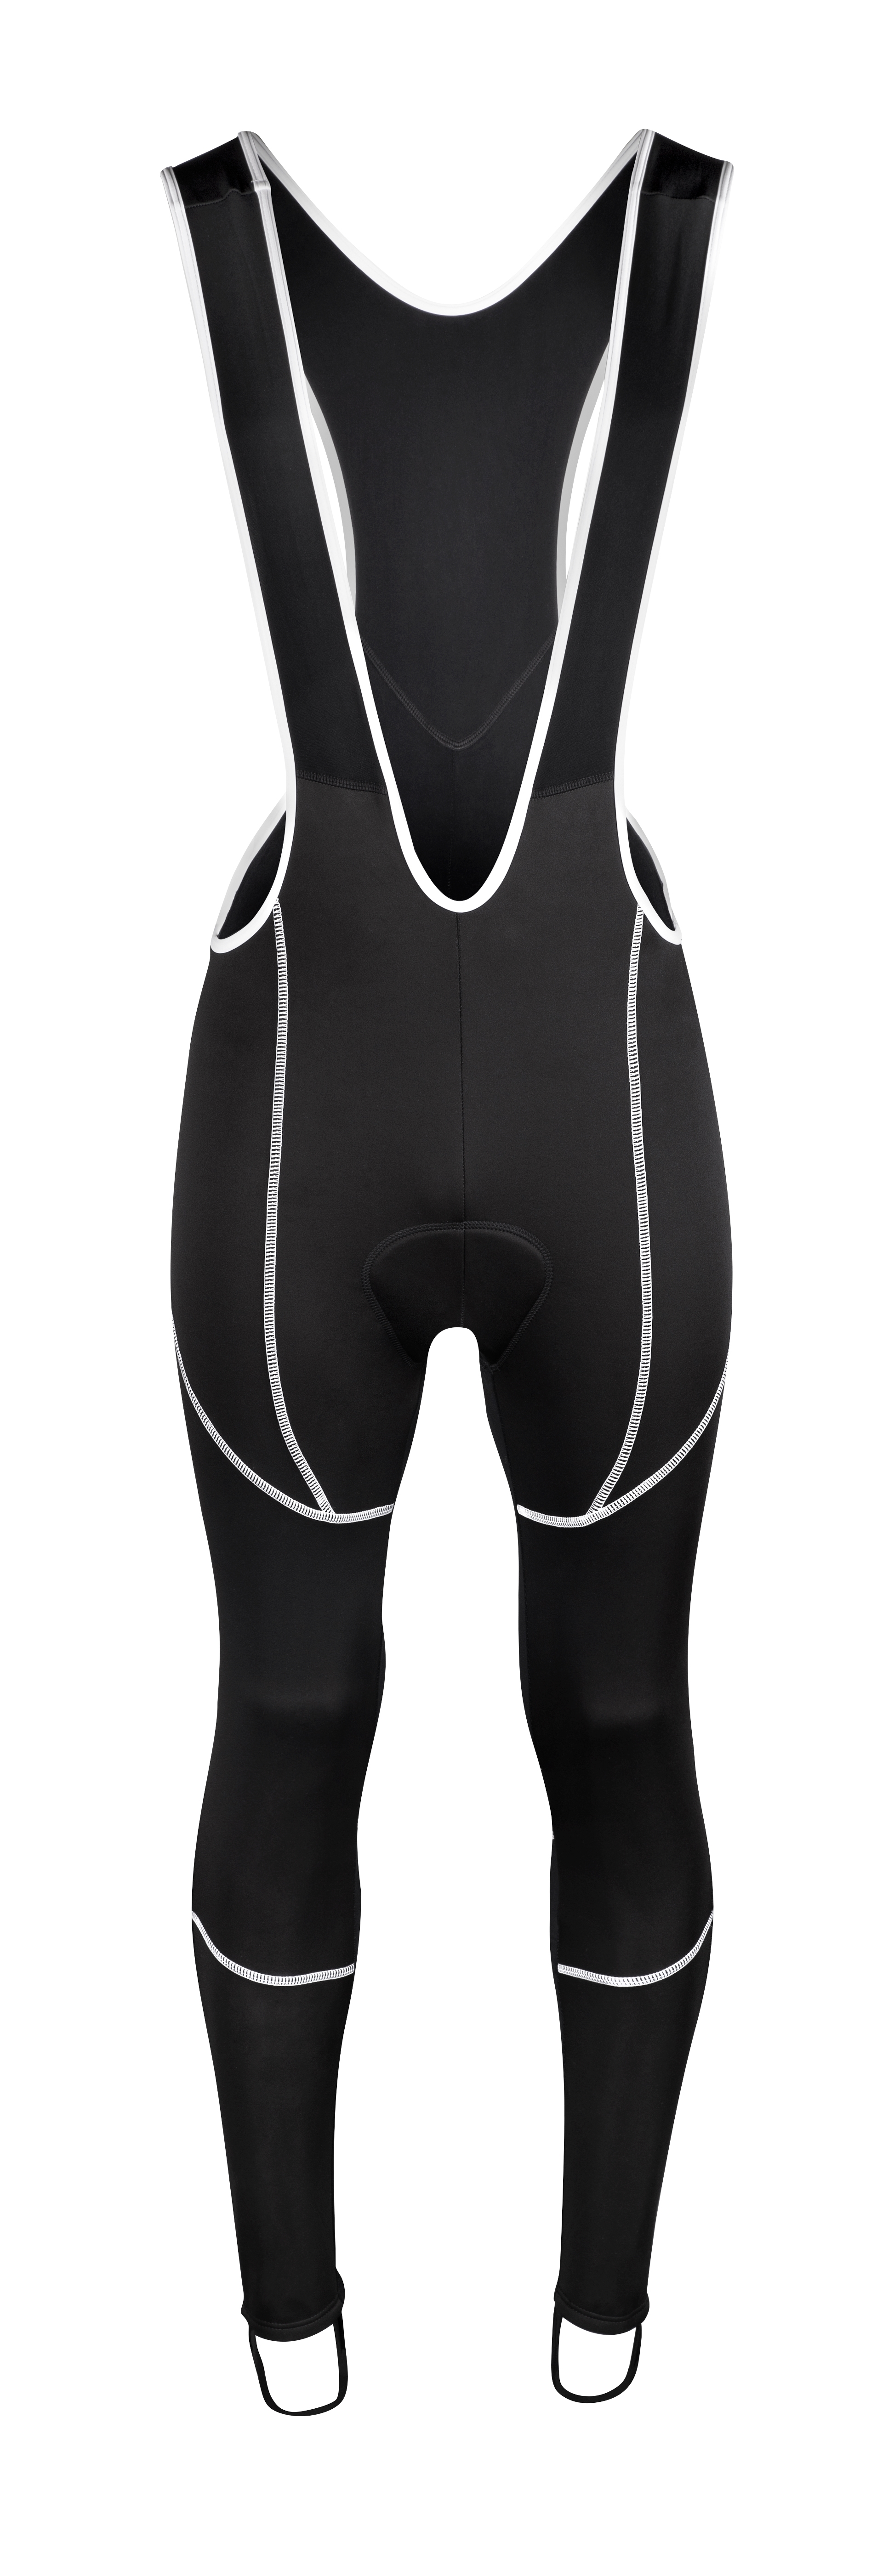 kalhoty FORCE Z70 se šráky s vložkou, černé L